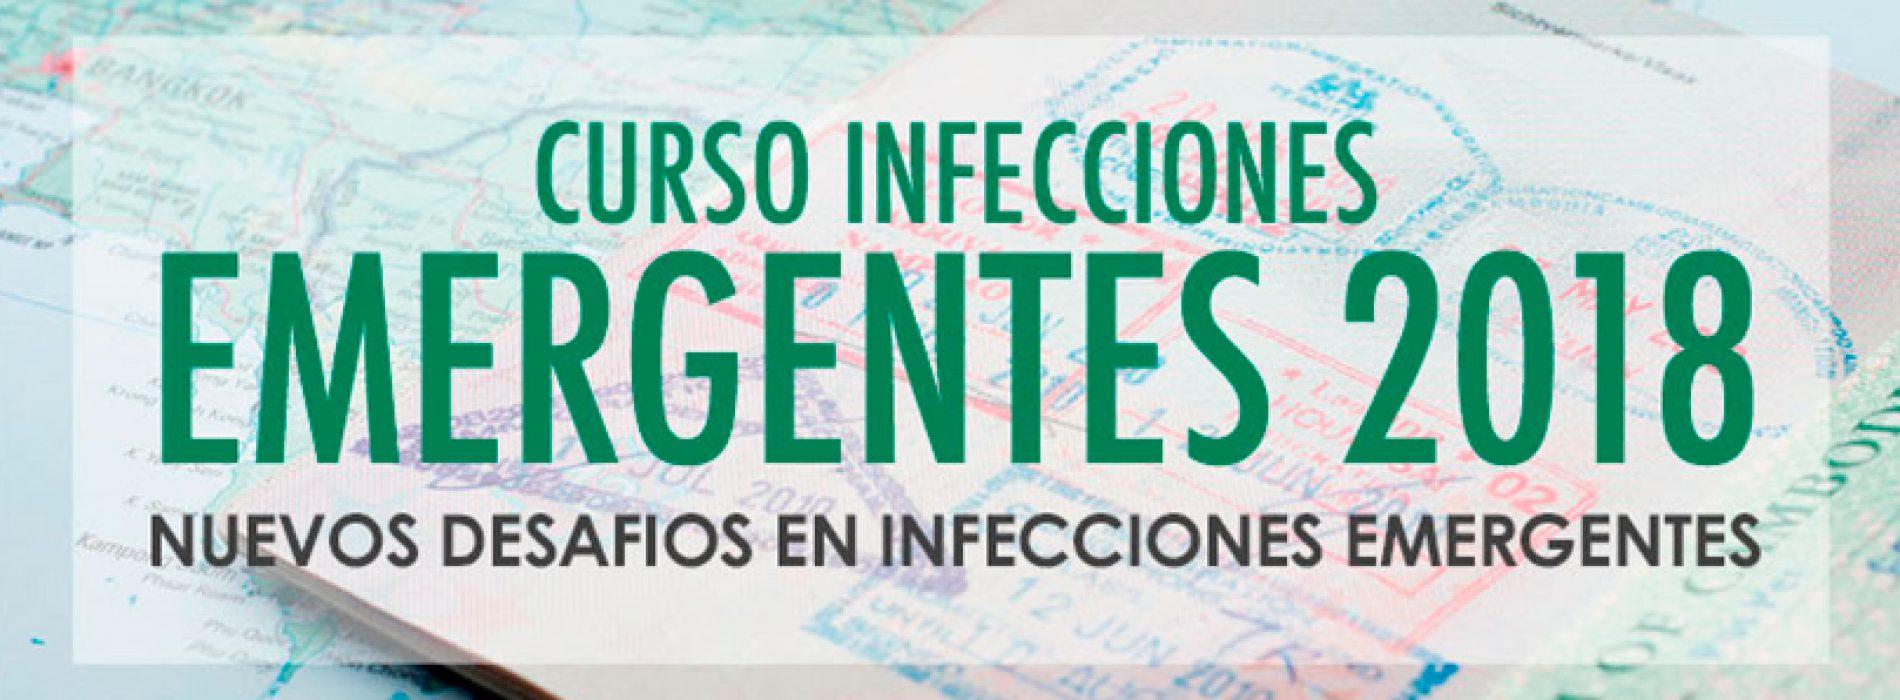 Curso Infecciones Emergentes 2018